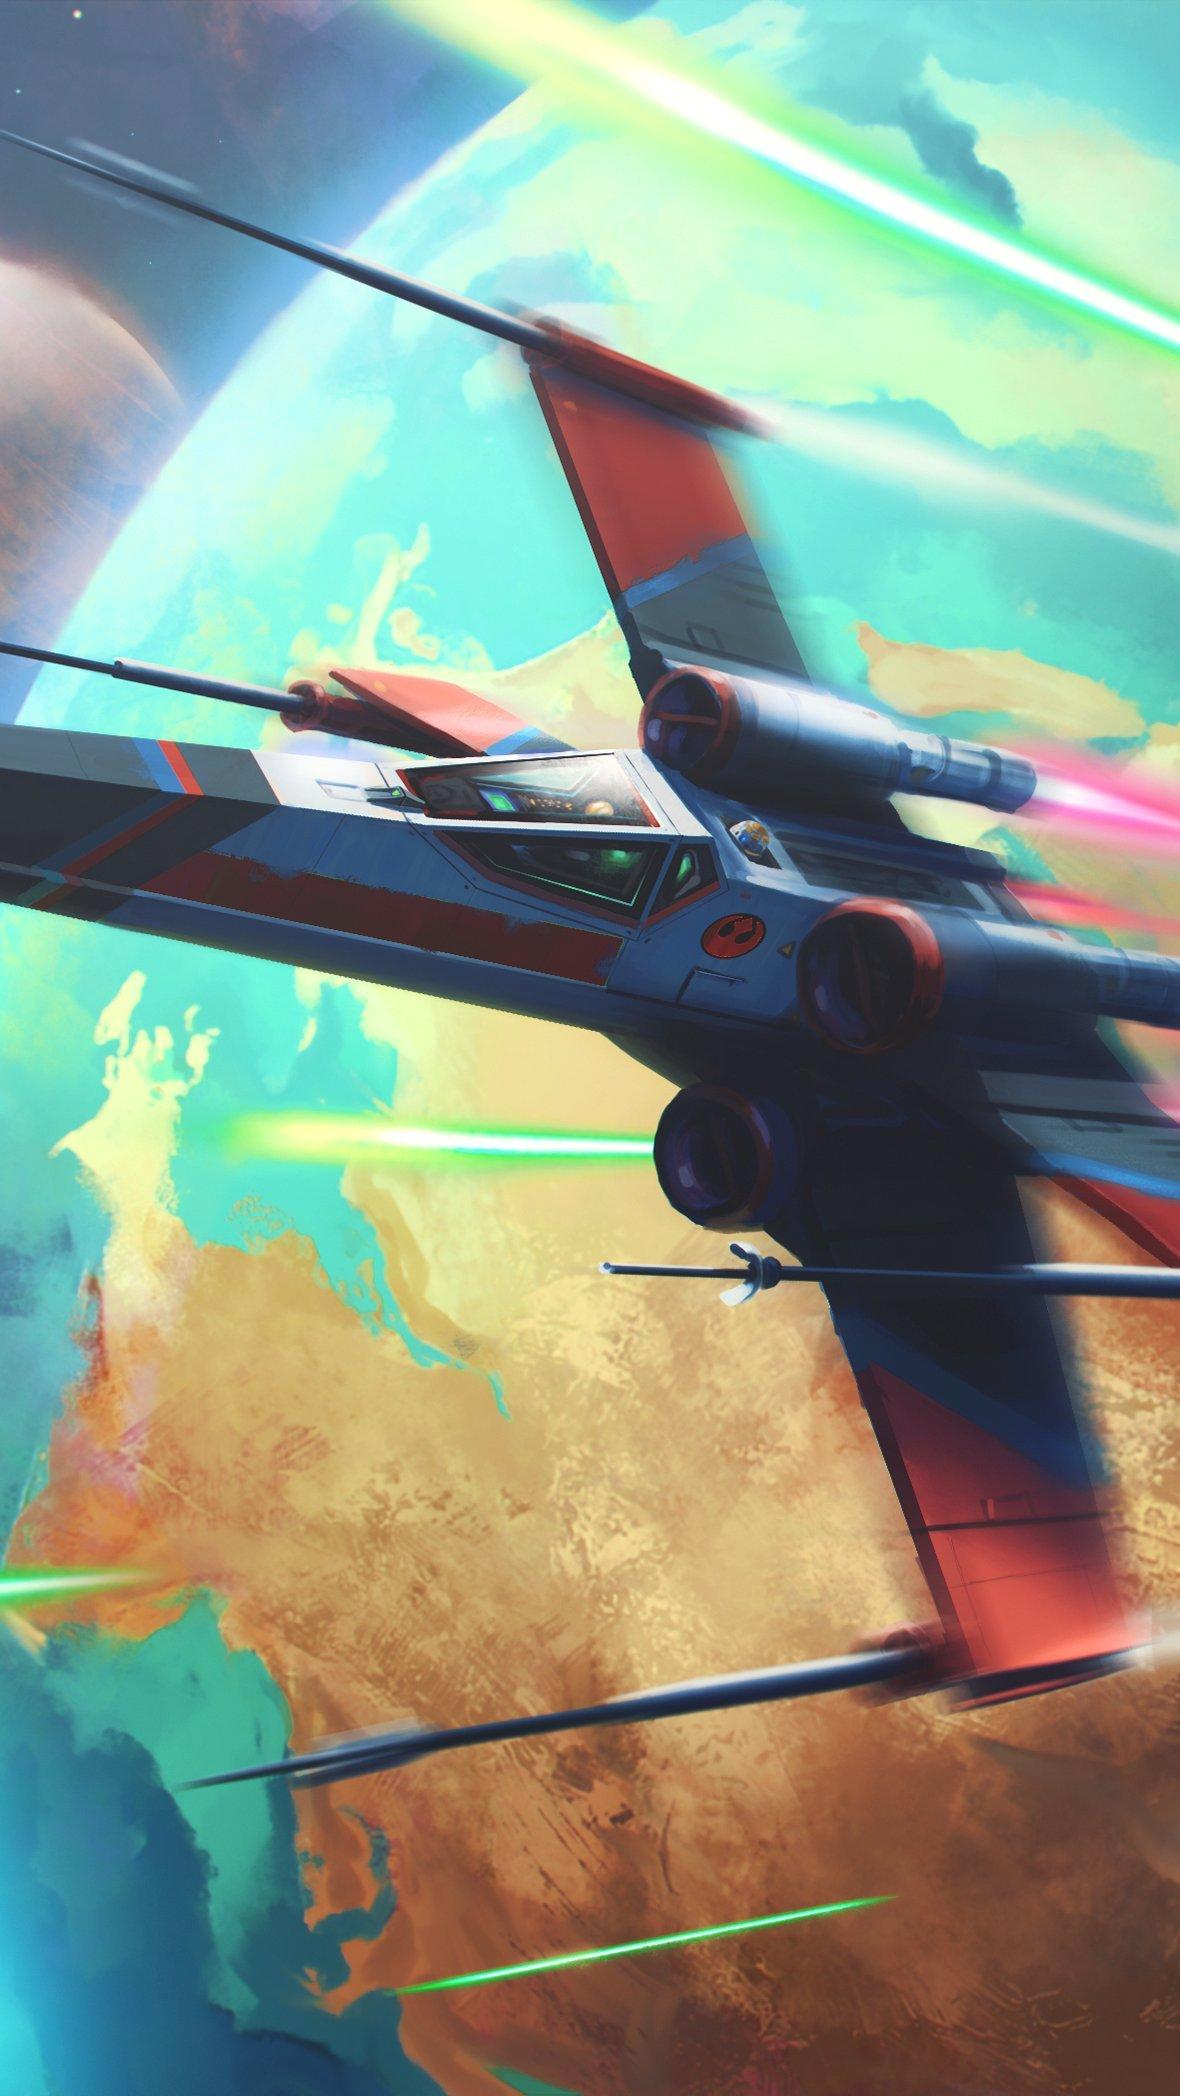 Fondos de pantalla Batalla en el espacio Vertical